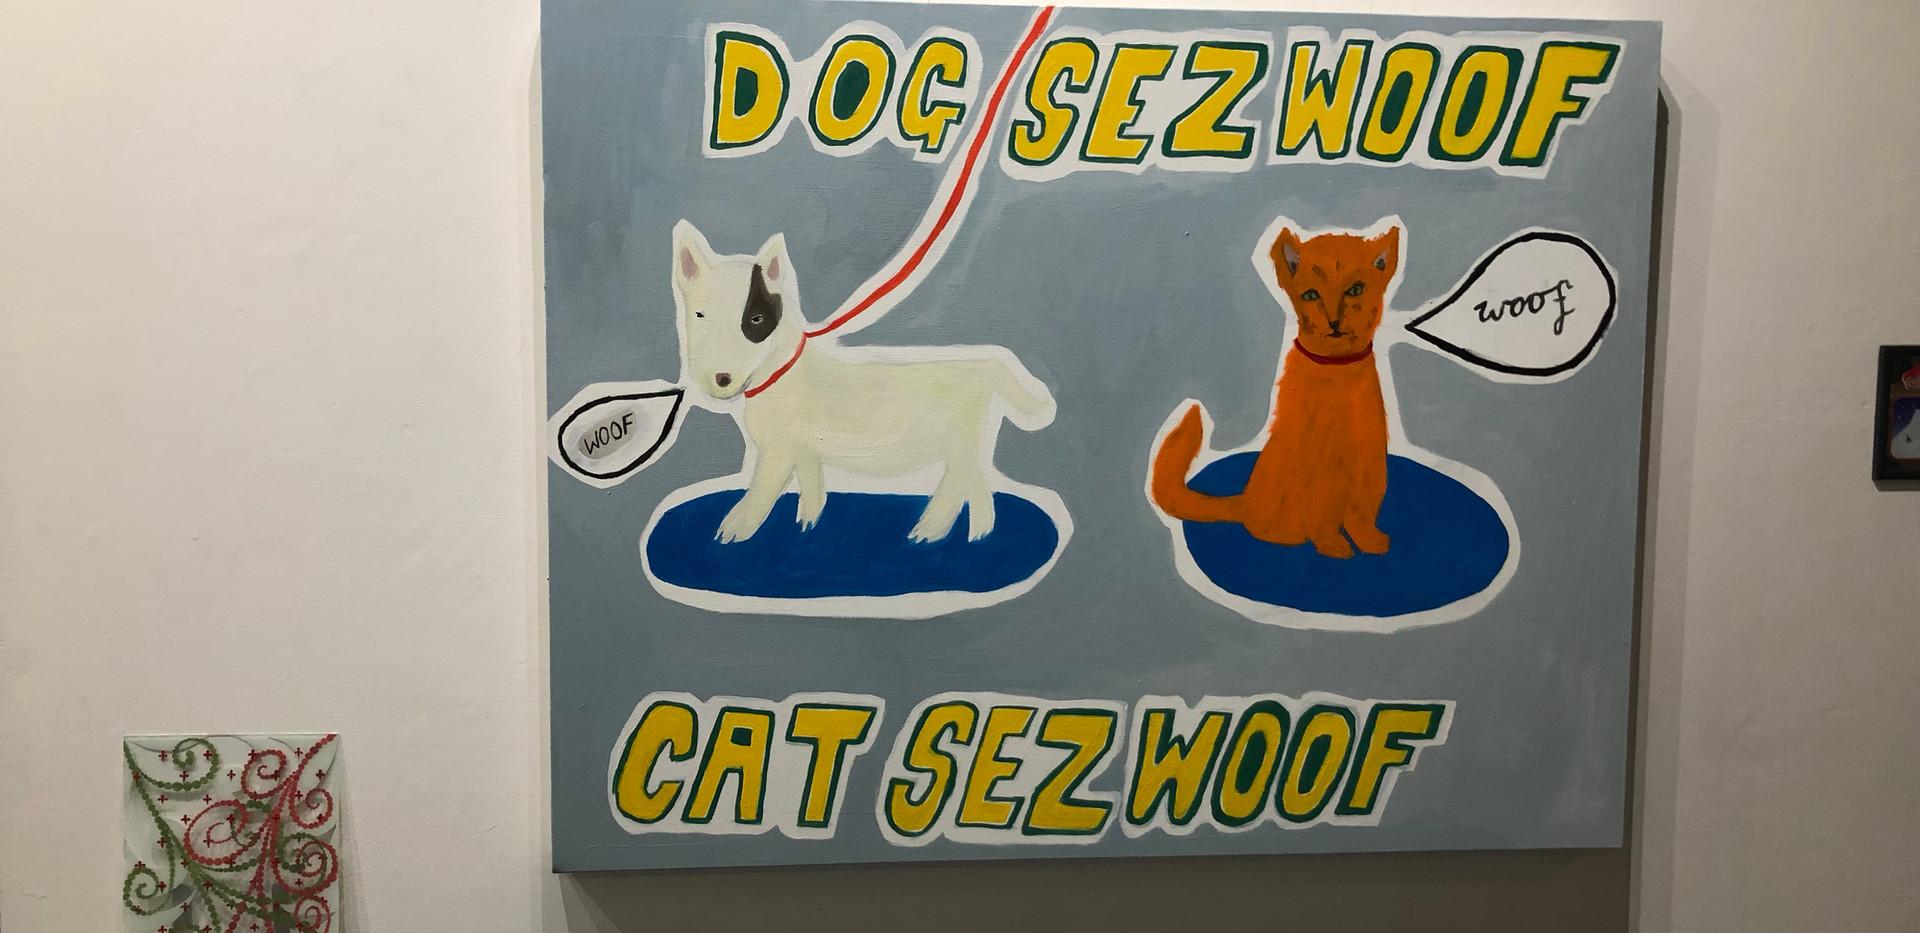 Dog Sez Woof Cat Sez Woof